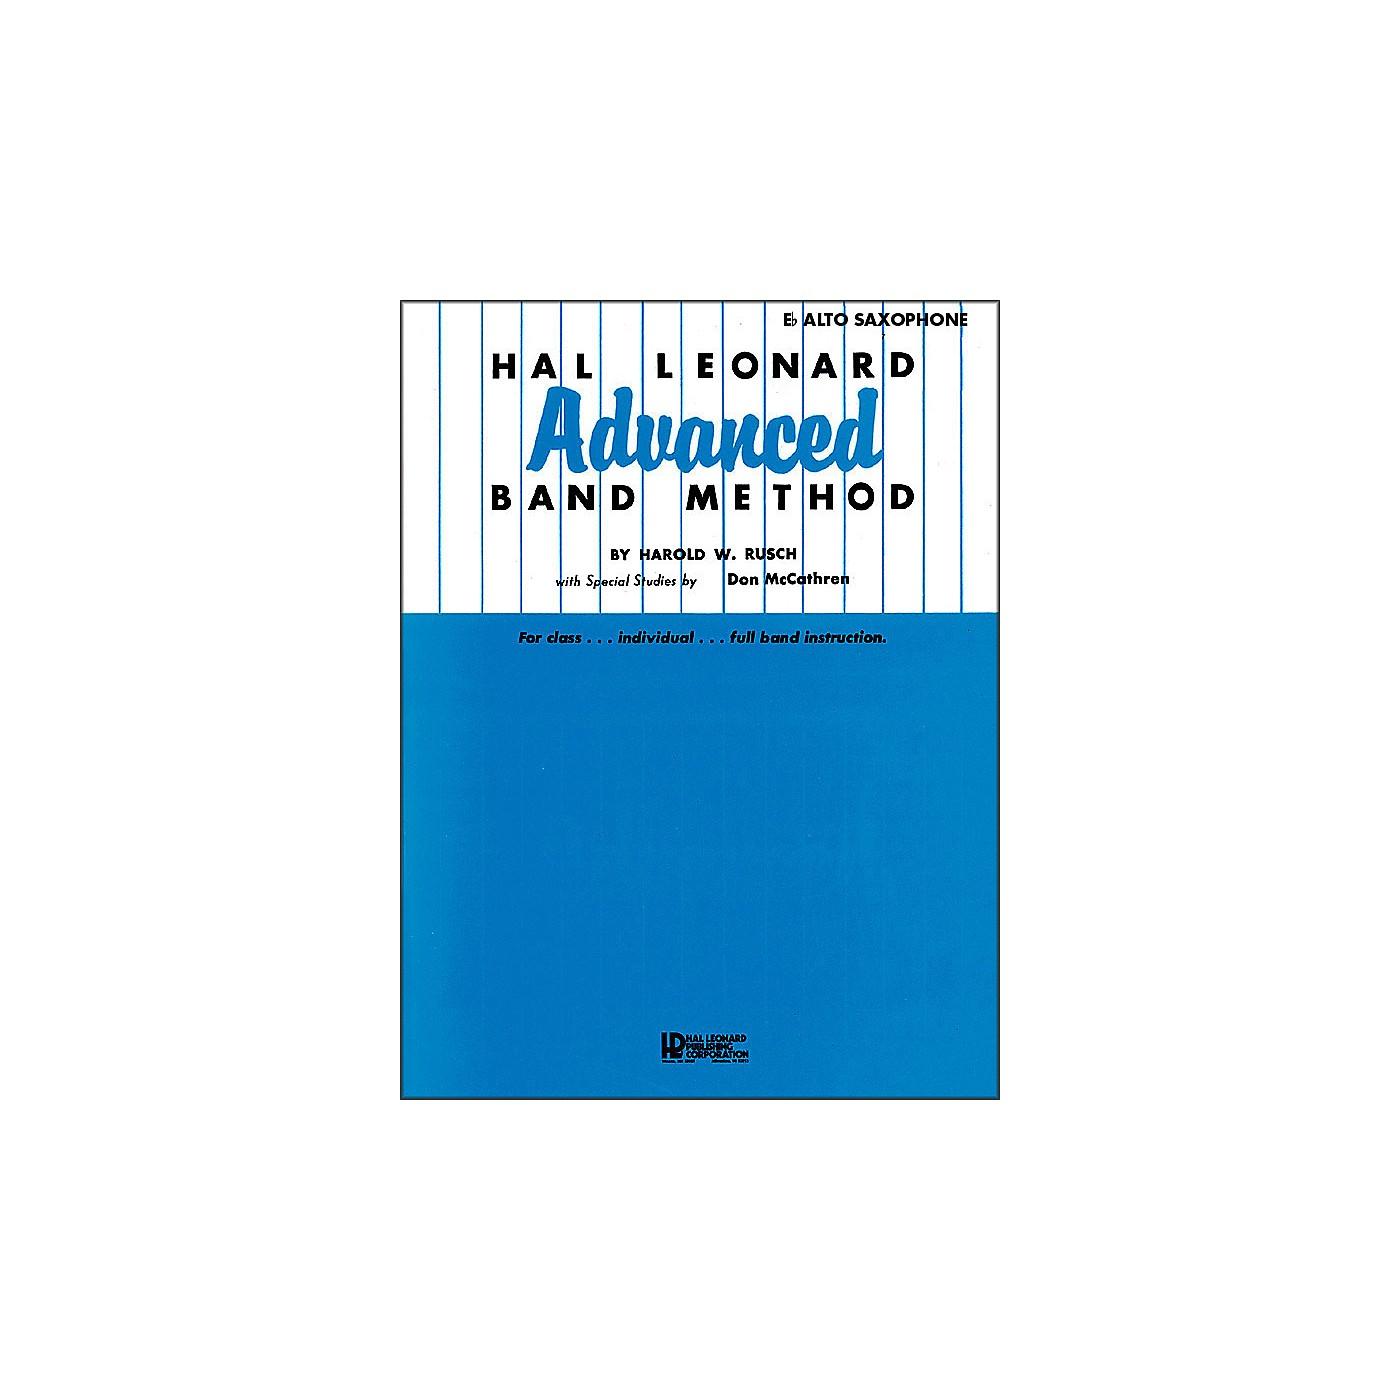 Hal Leonard Advanced Band Method -E Flat Alto Saxophone thumbnail